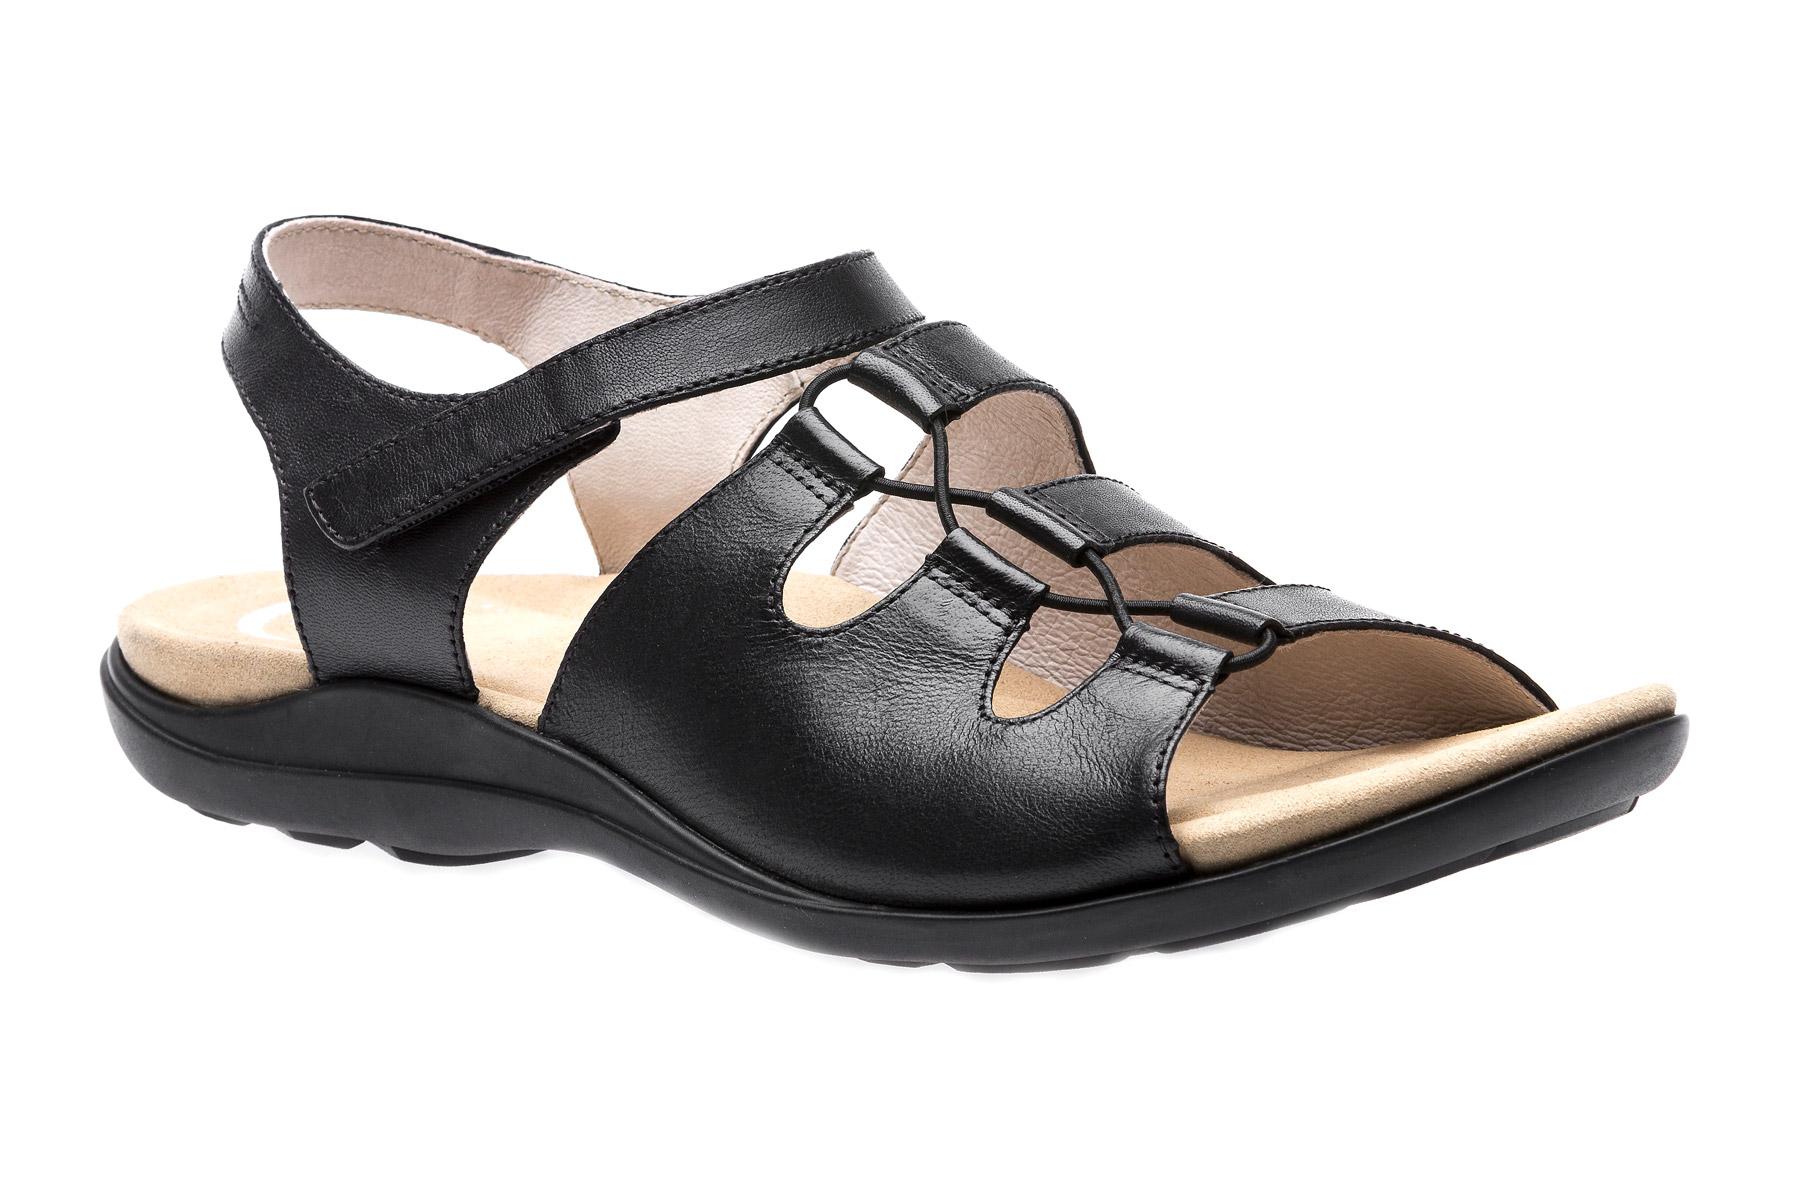 Brook Neutral - Low Heel Sandals